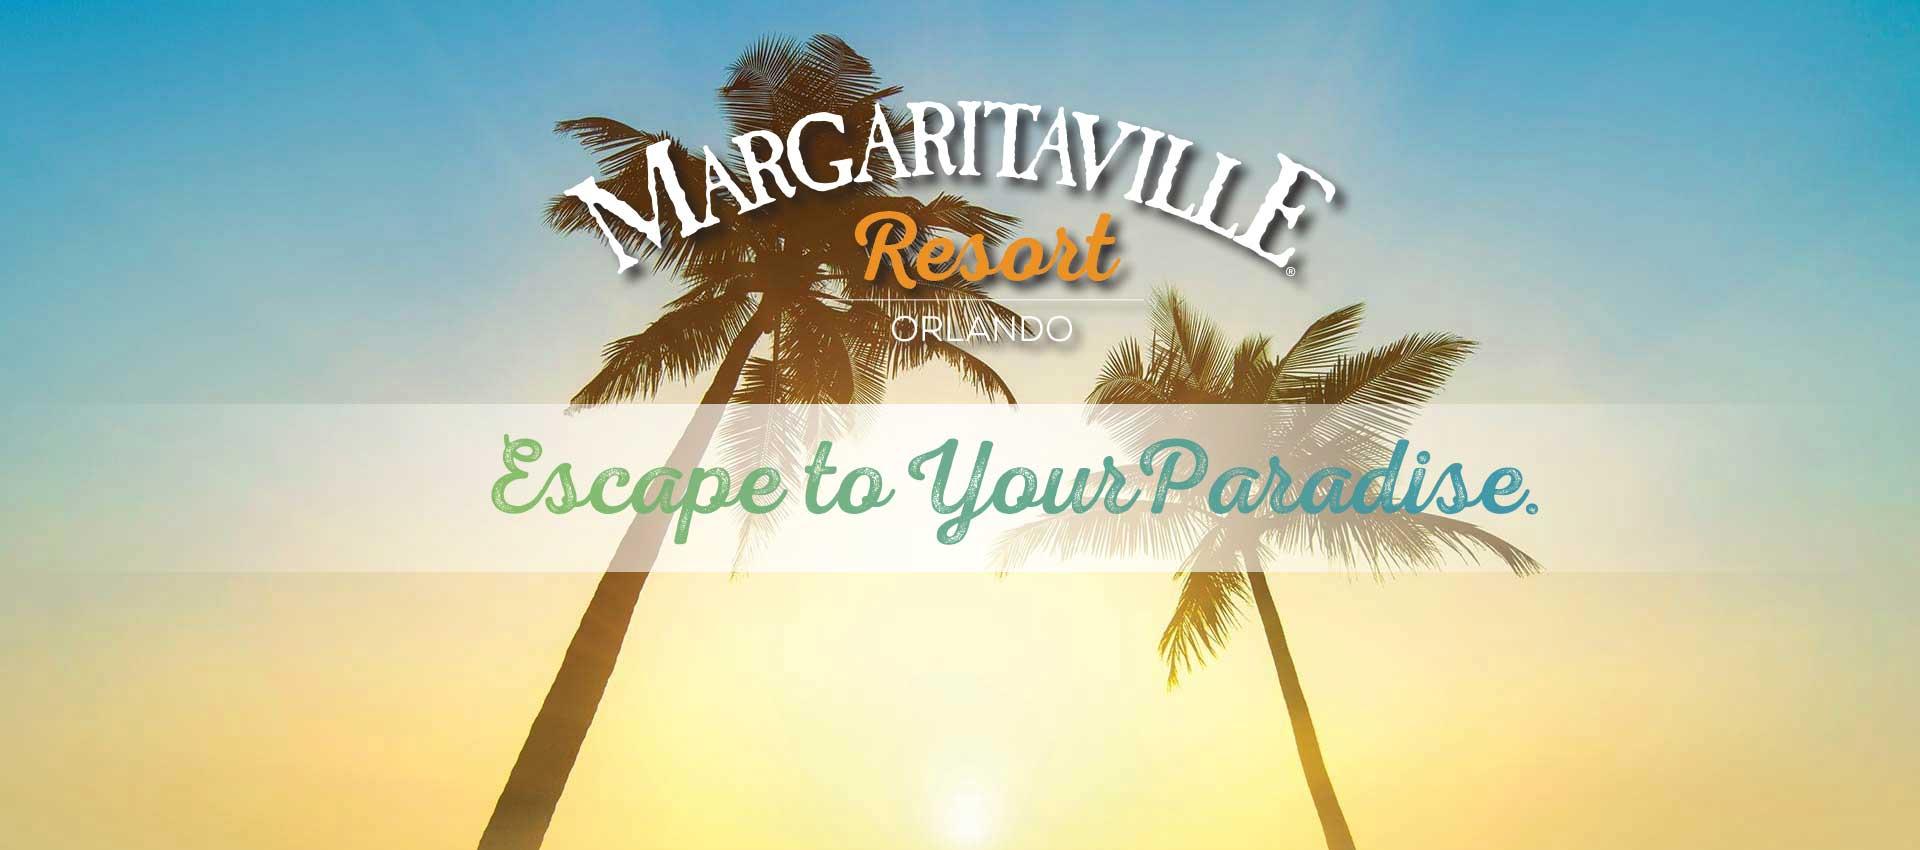 Thông tin tổng quan, khó khăn và kết quả đạt được của dự án Margaritaville